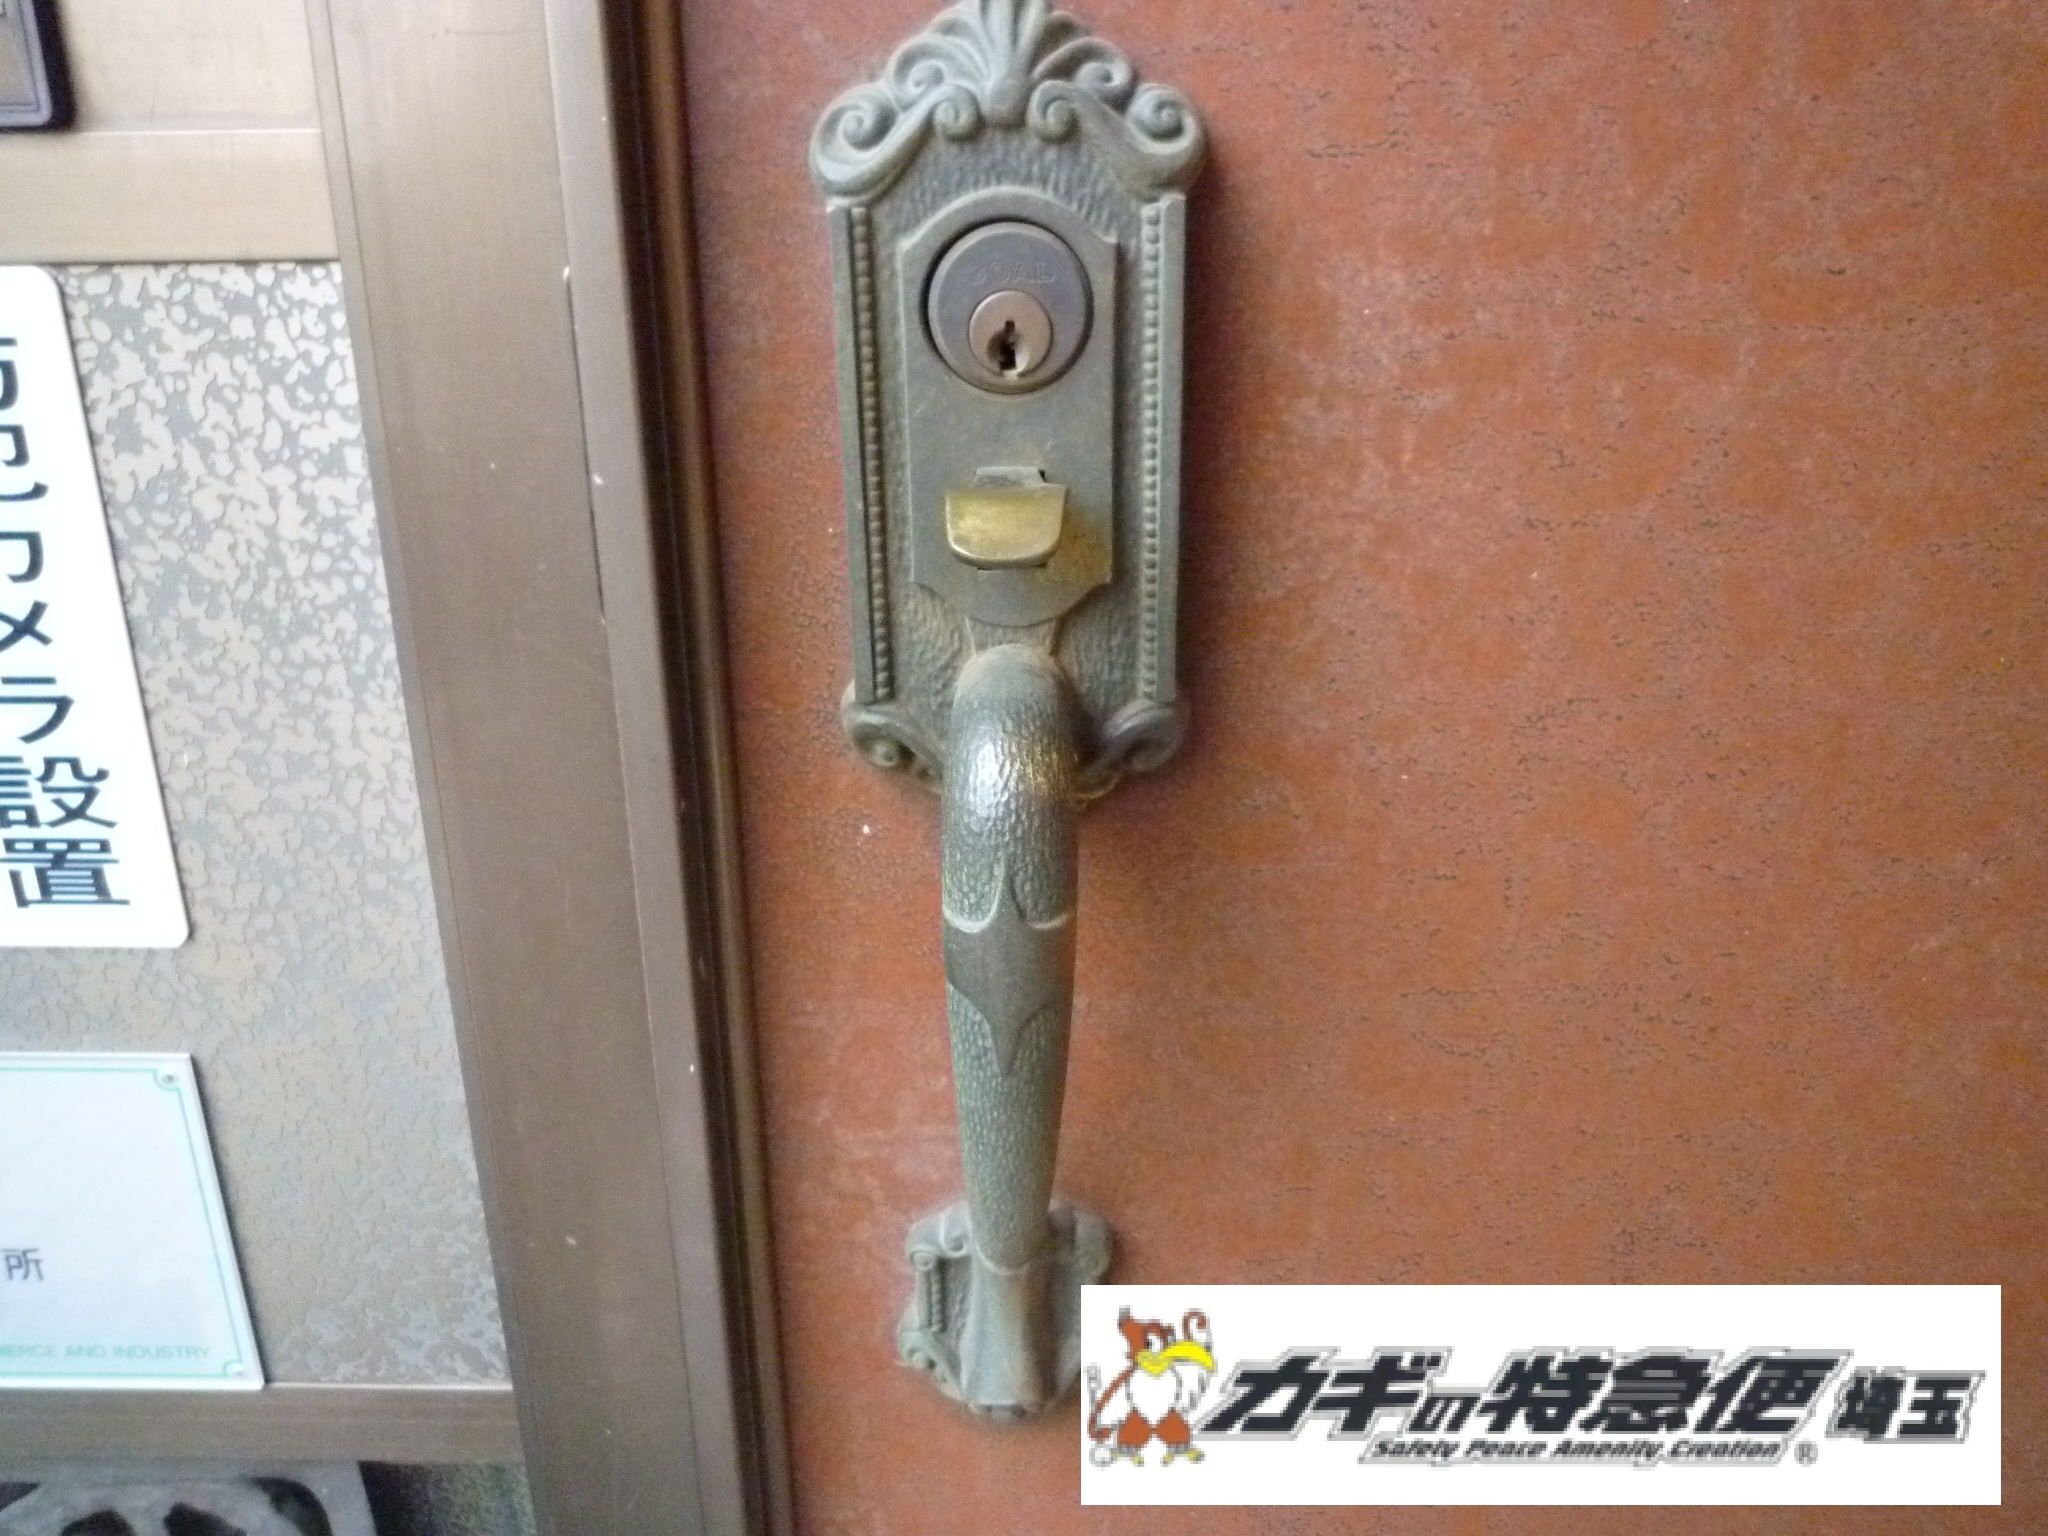 鍵交換(GOALの装飾錠を美和ロックへ交換 埼玉県所沢市)